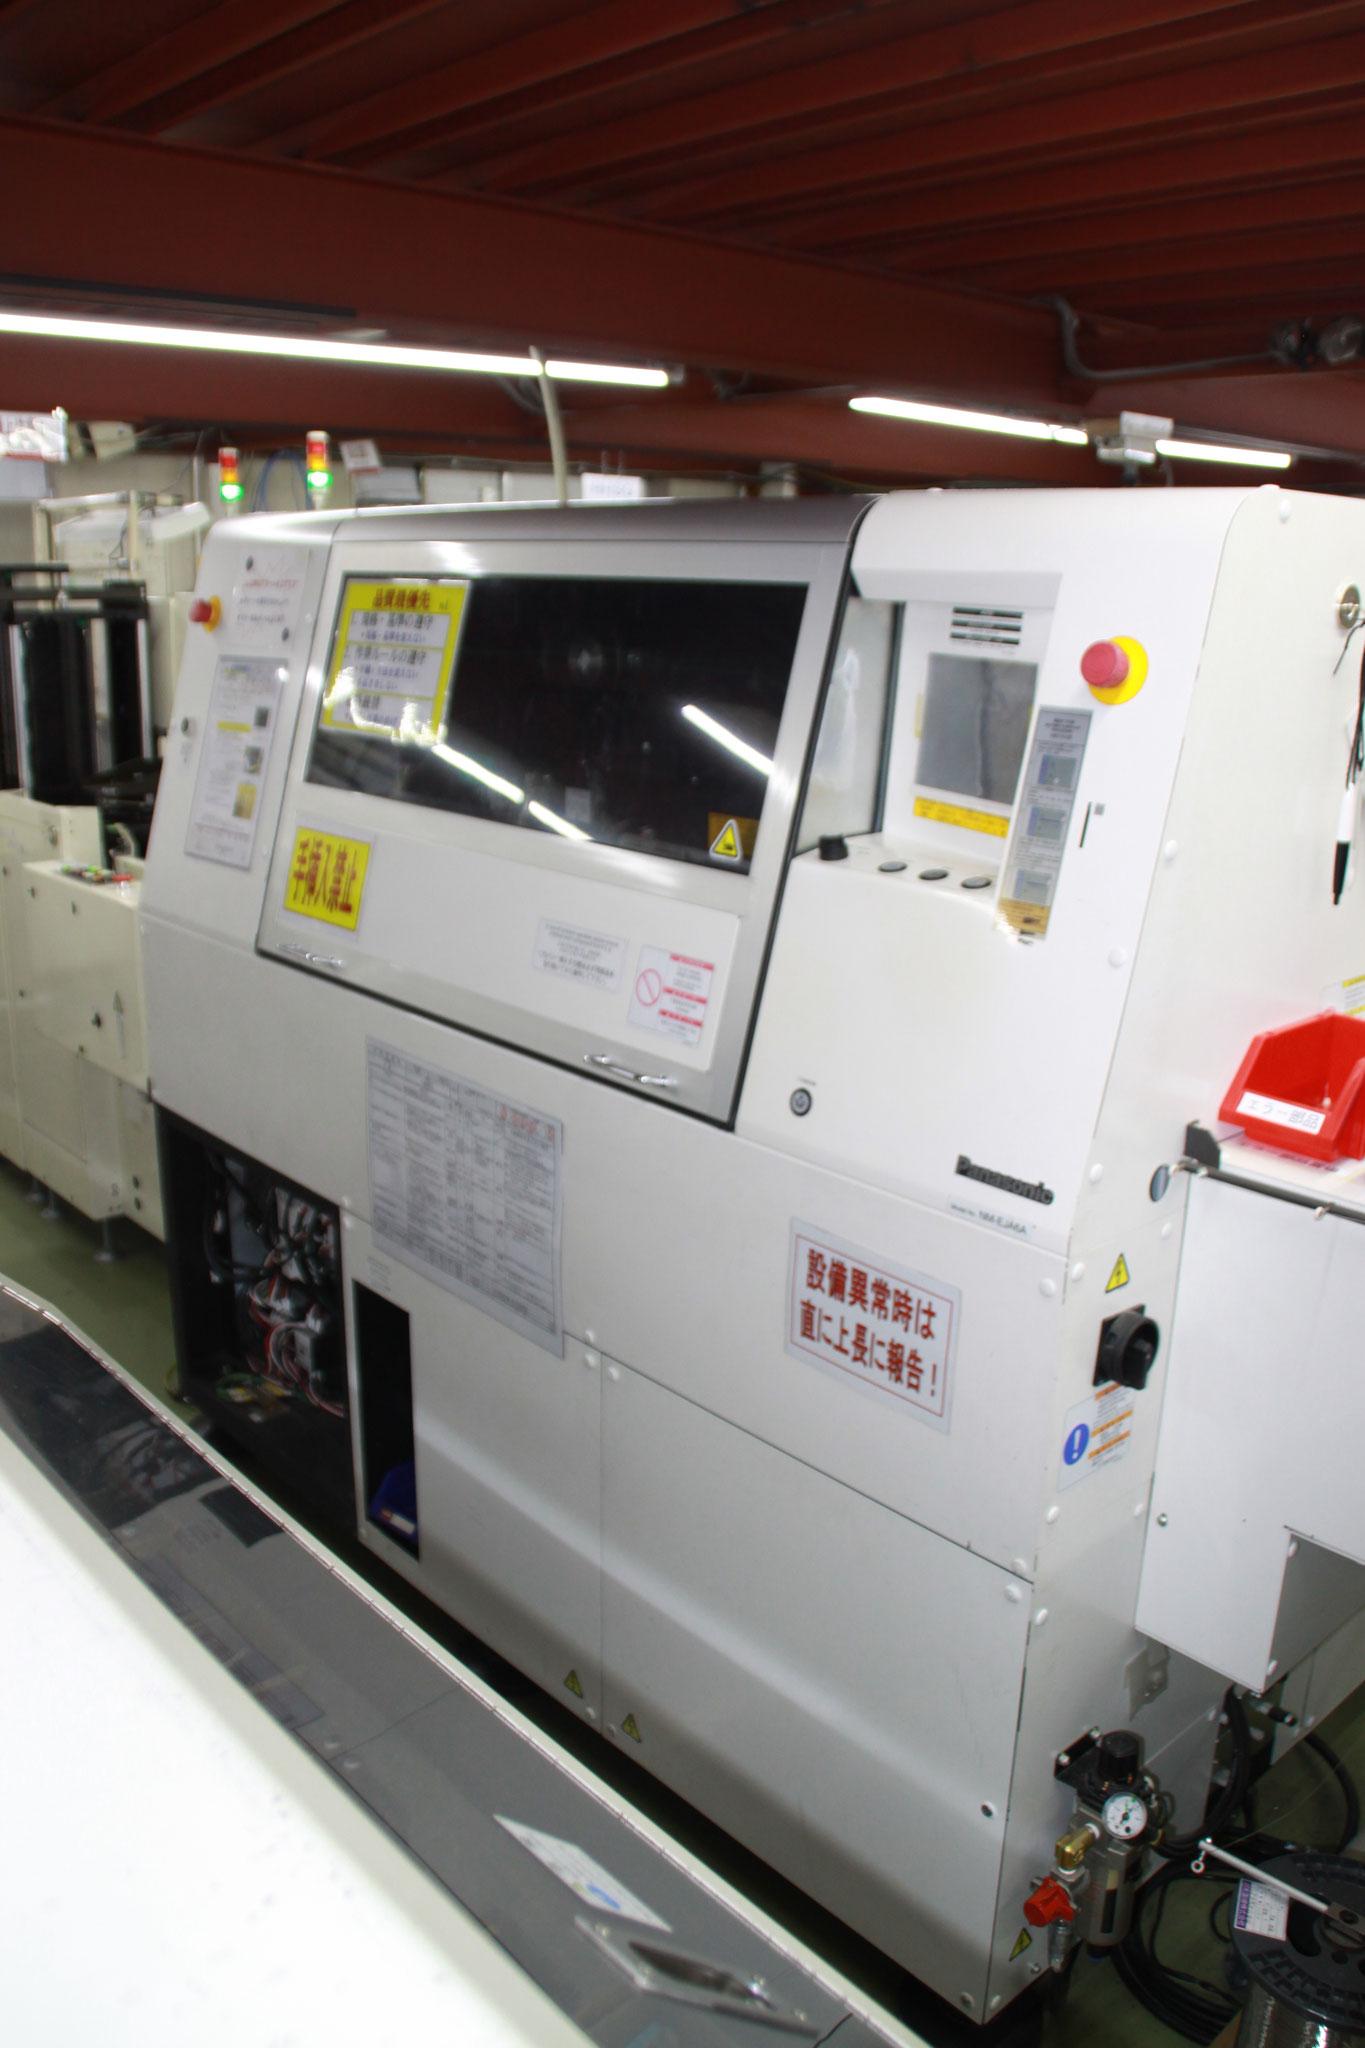 アキシャル部品挿入機 パナソニック製 AV-132